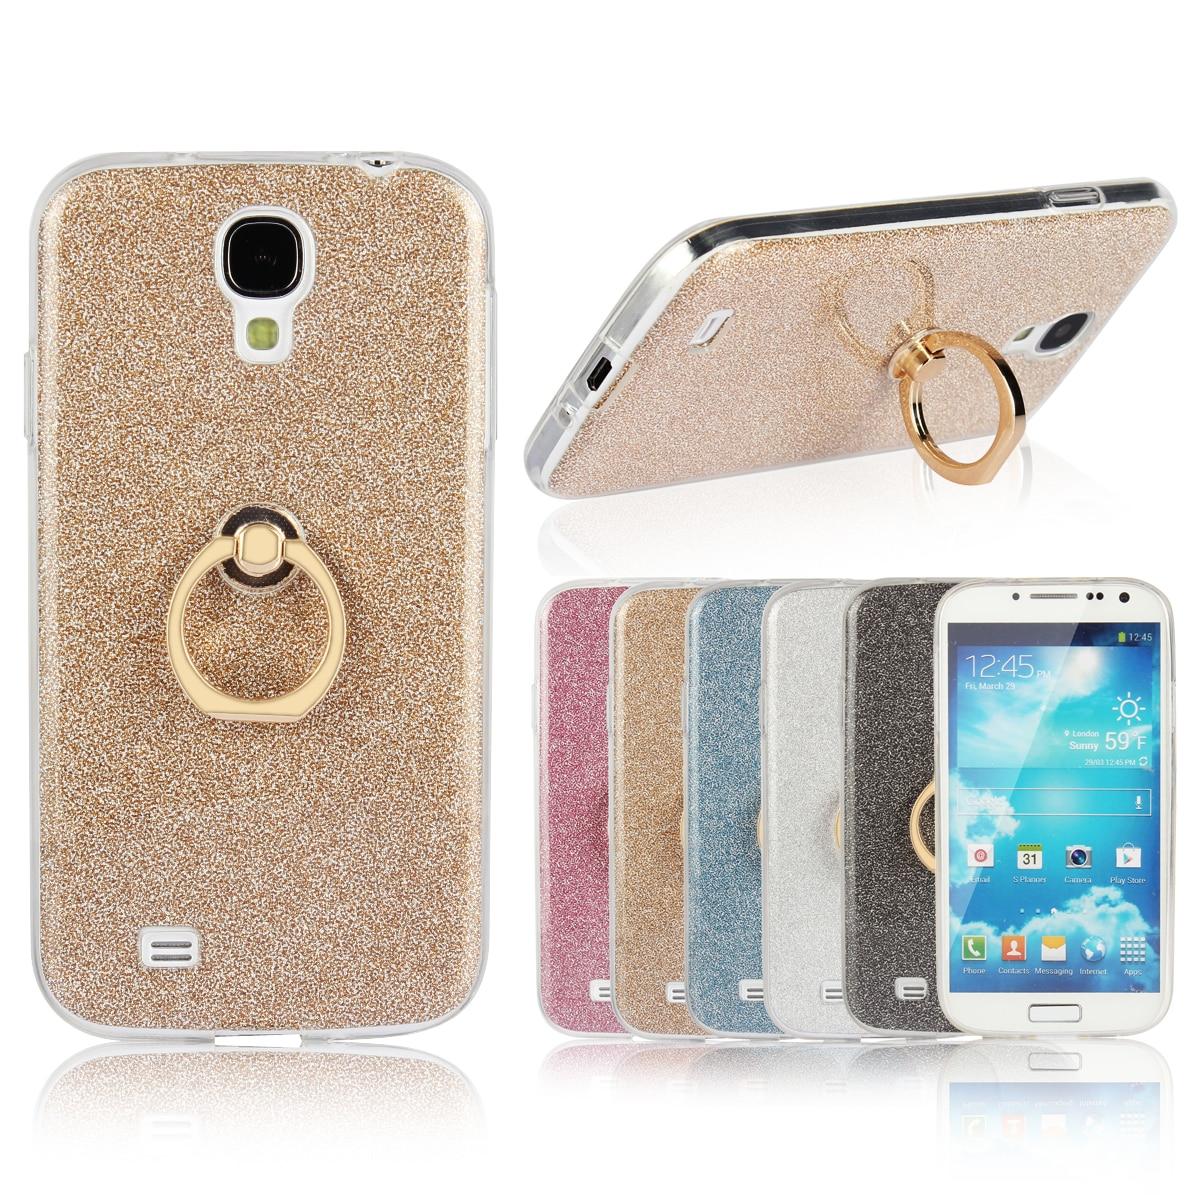 Case for Samsung Galaxy S4 Flash powder TPU Case for Samsung S4 GT-I9500 I9508 I9505G I9506 I9507 I9505 Finger buckle Phone bag